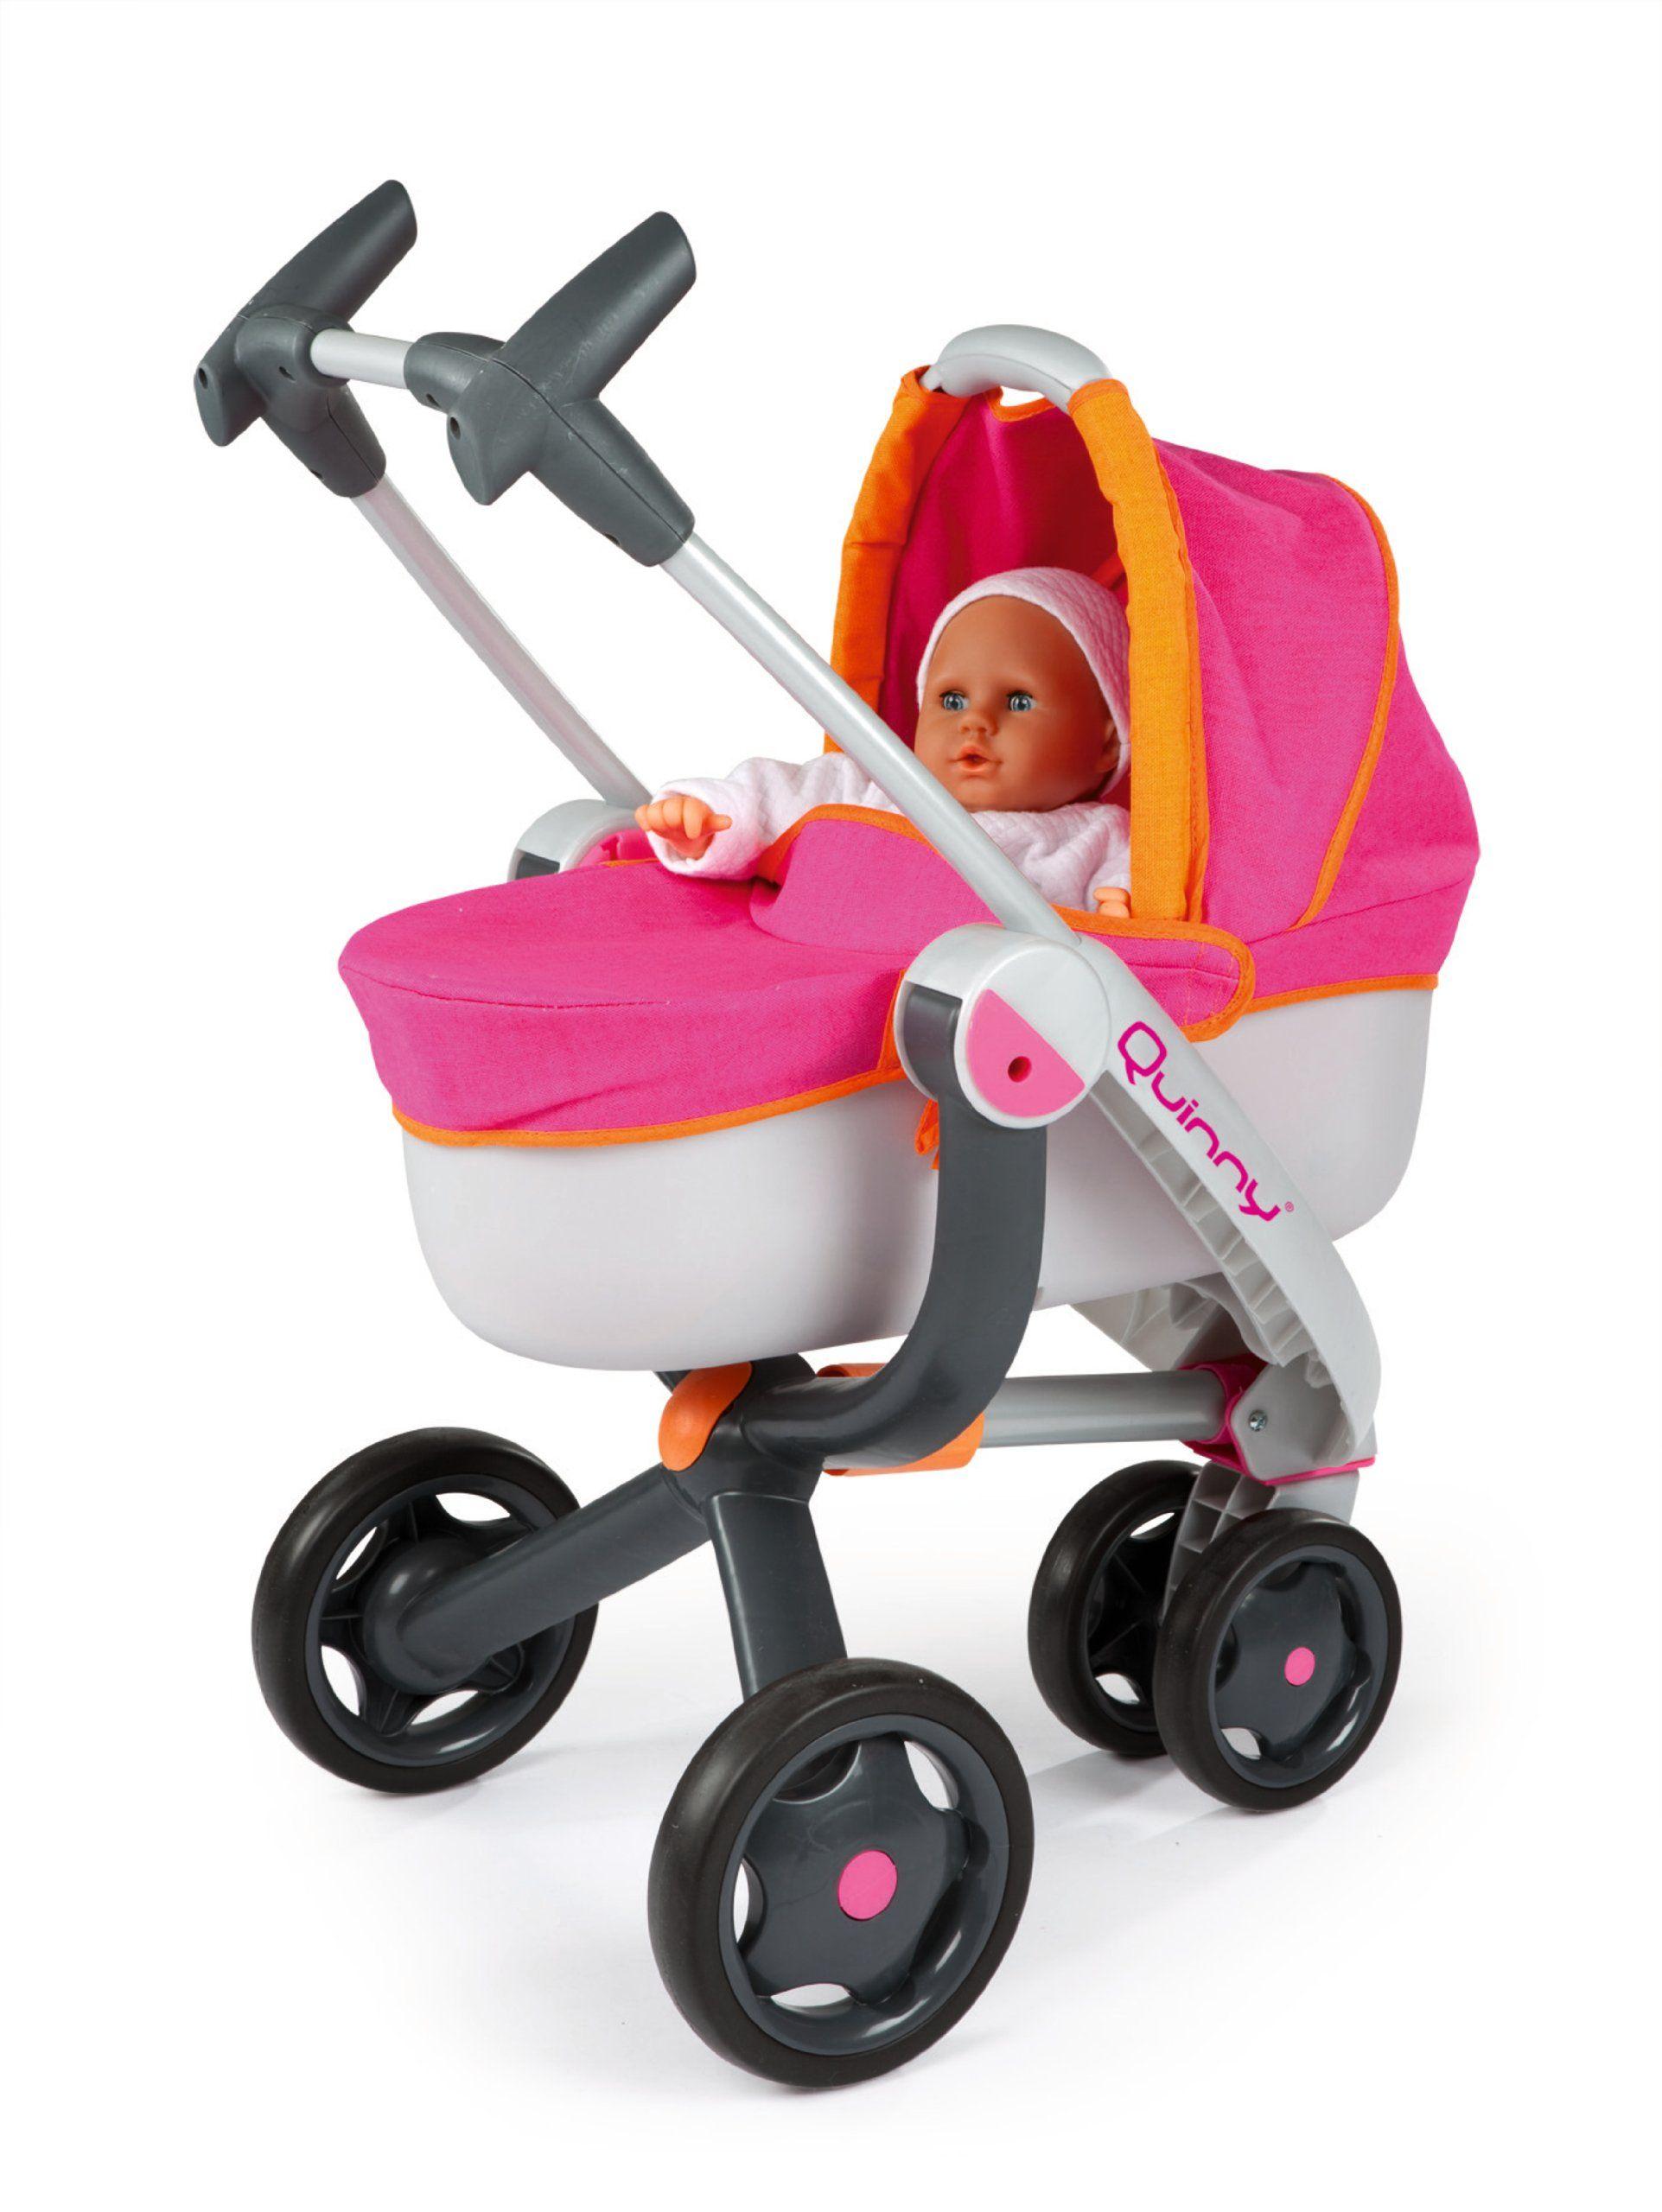 Smoby 550190 quinny cochecito de mu ecas y silla de paseo 2 en 1 3 ruedas jueguetes - Silla de paseo 3 ruedas ...